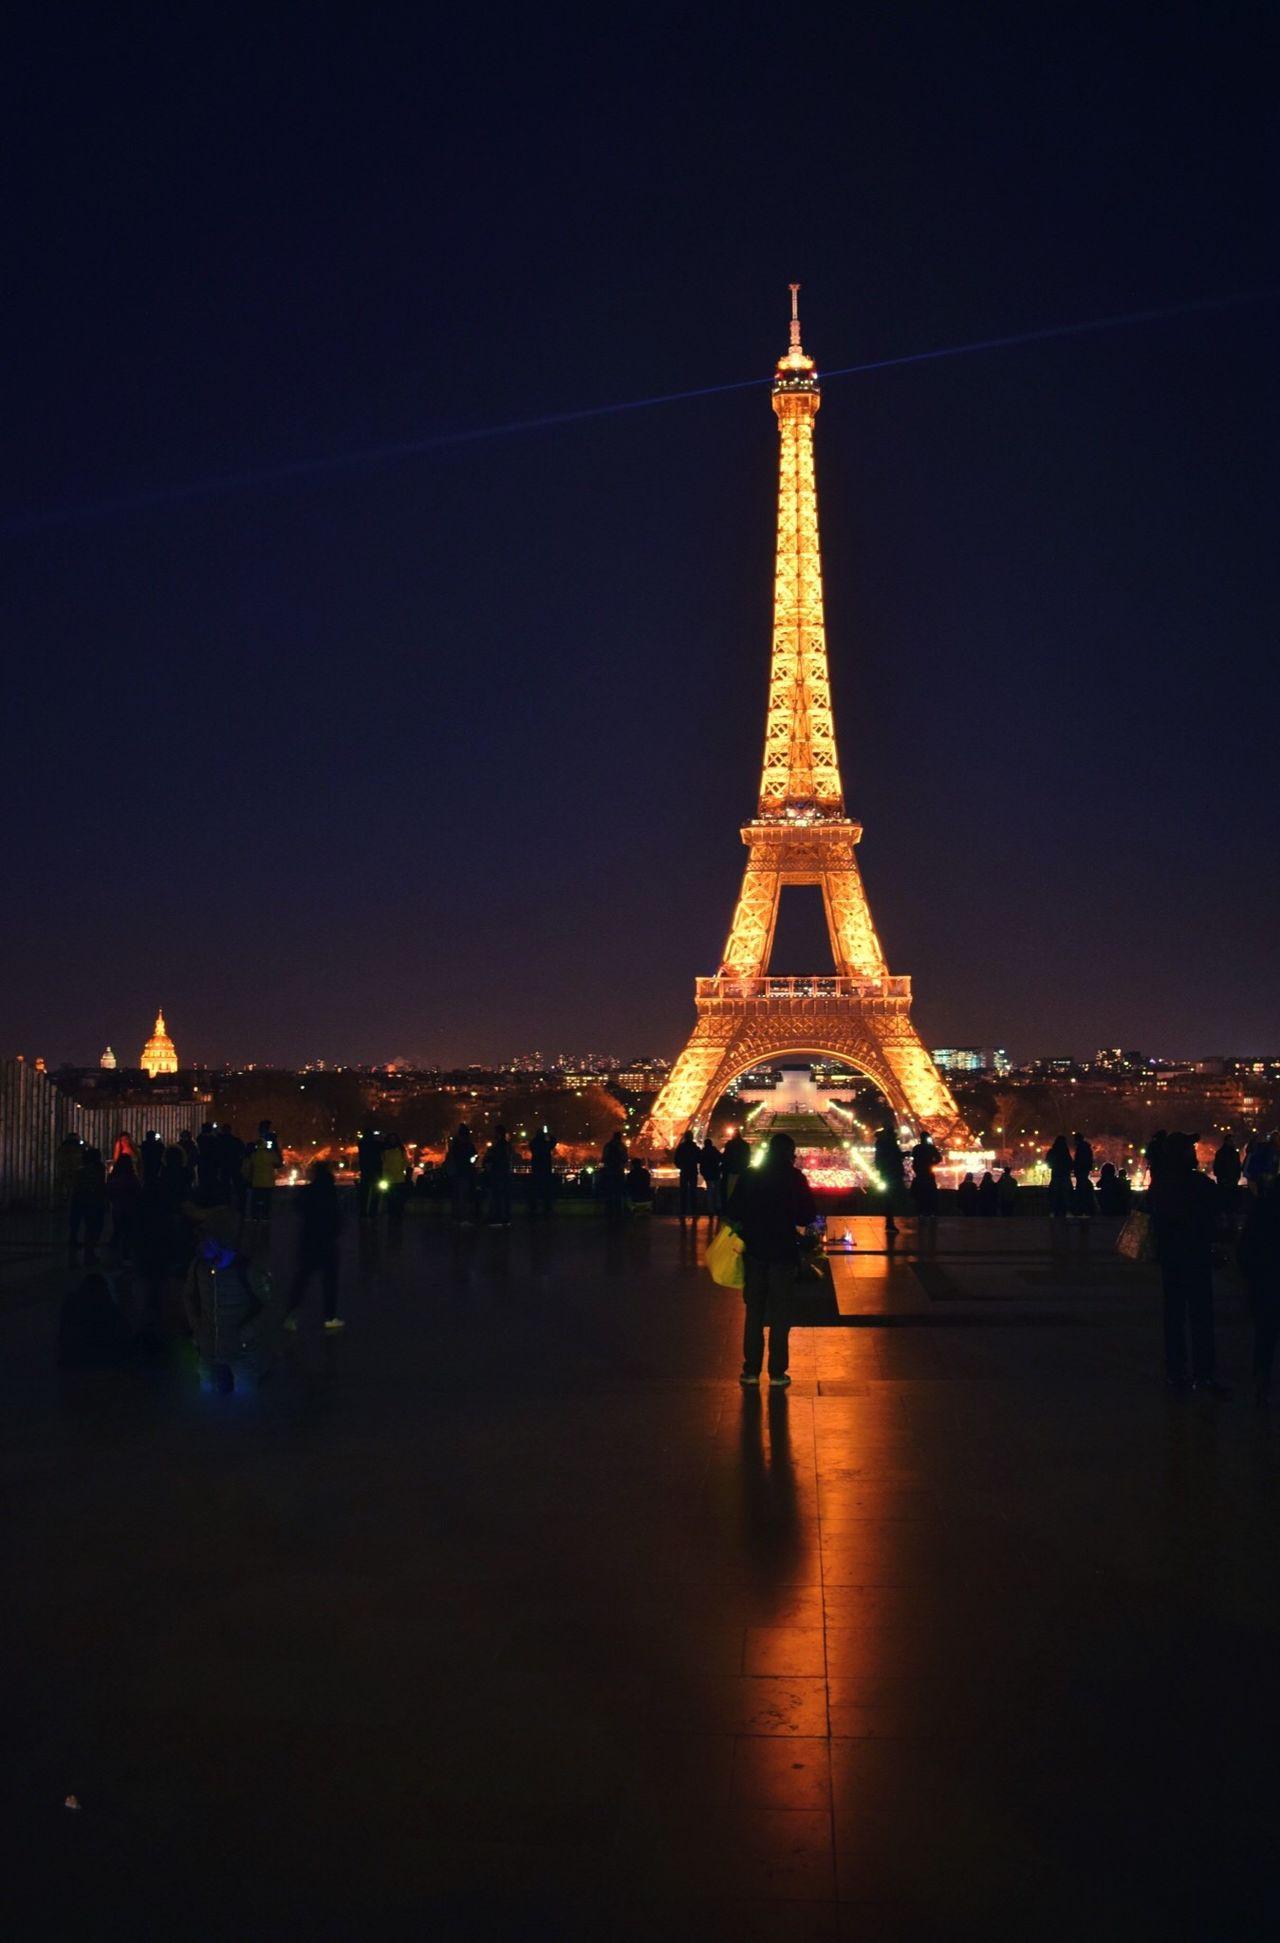 Eiffel Tower Eiffel Tower Tower Paris Torre Eiffel Noche Nocturna First Eyeem Photo